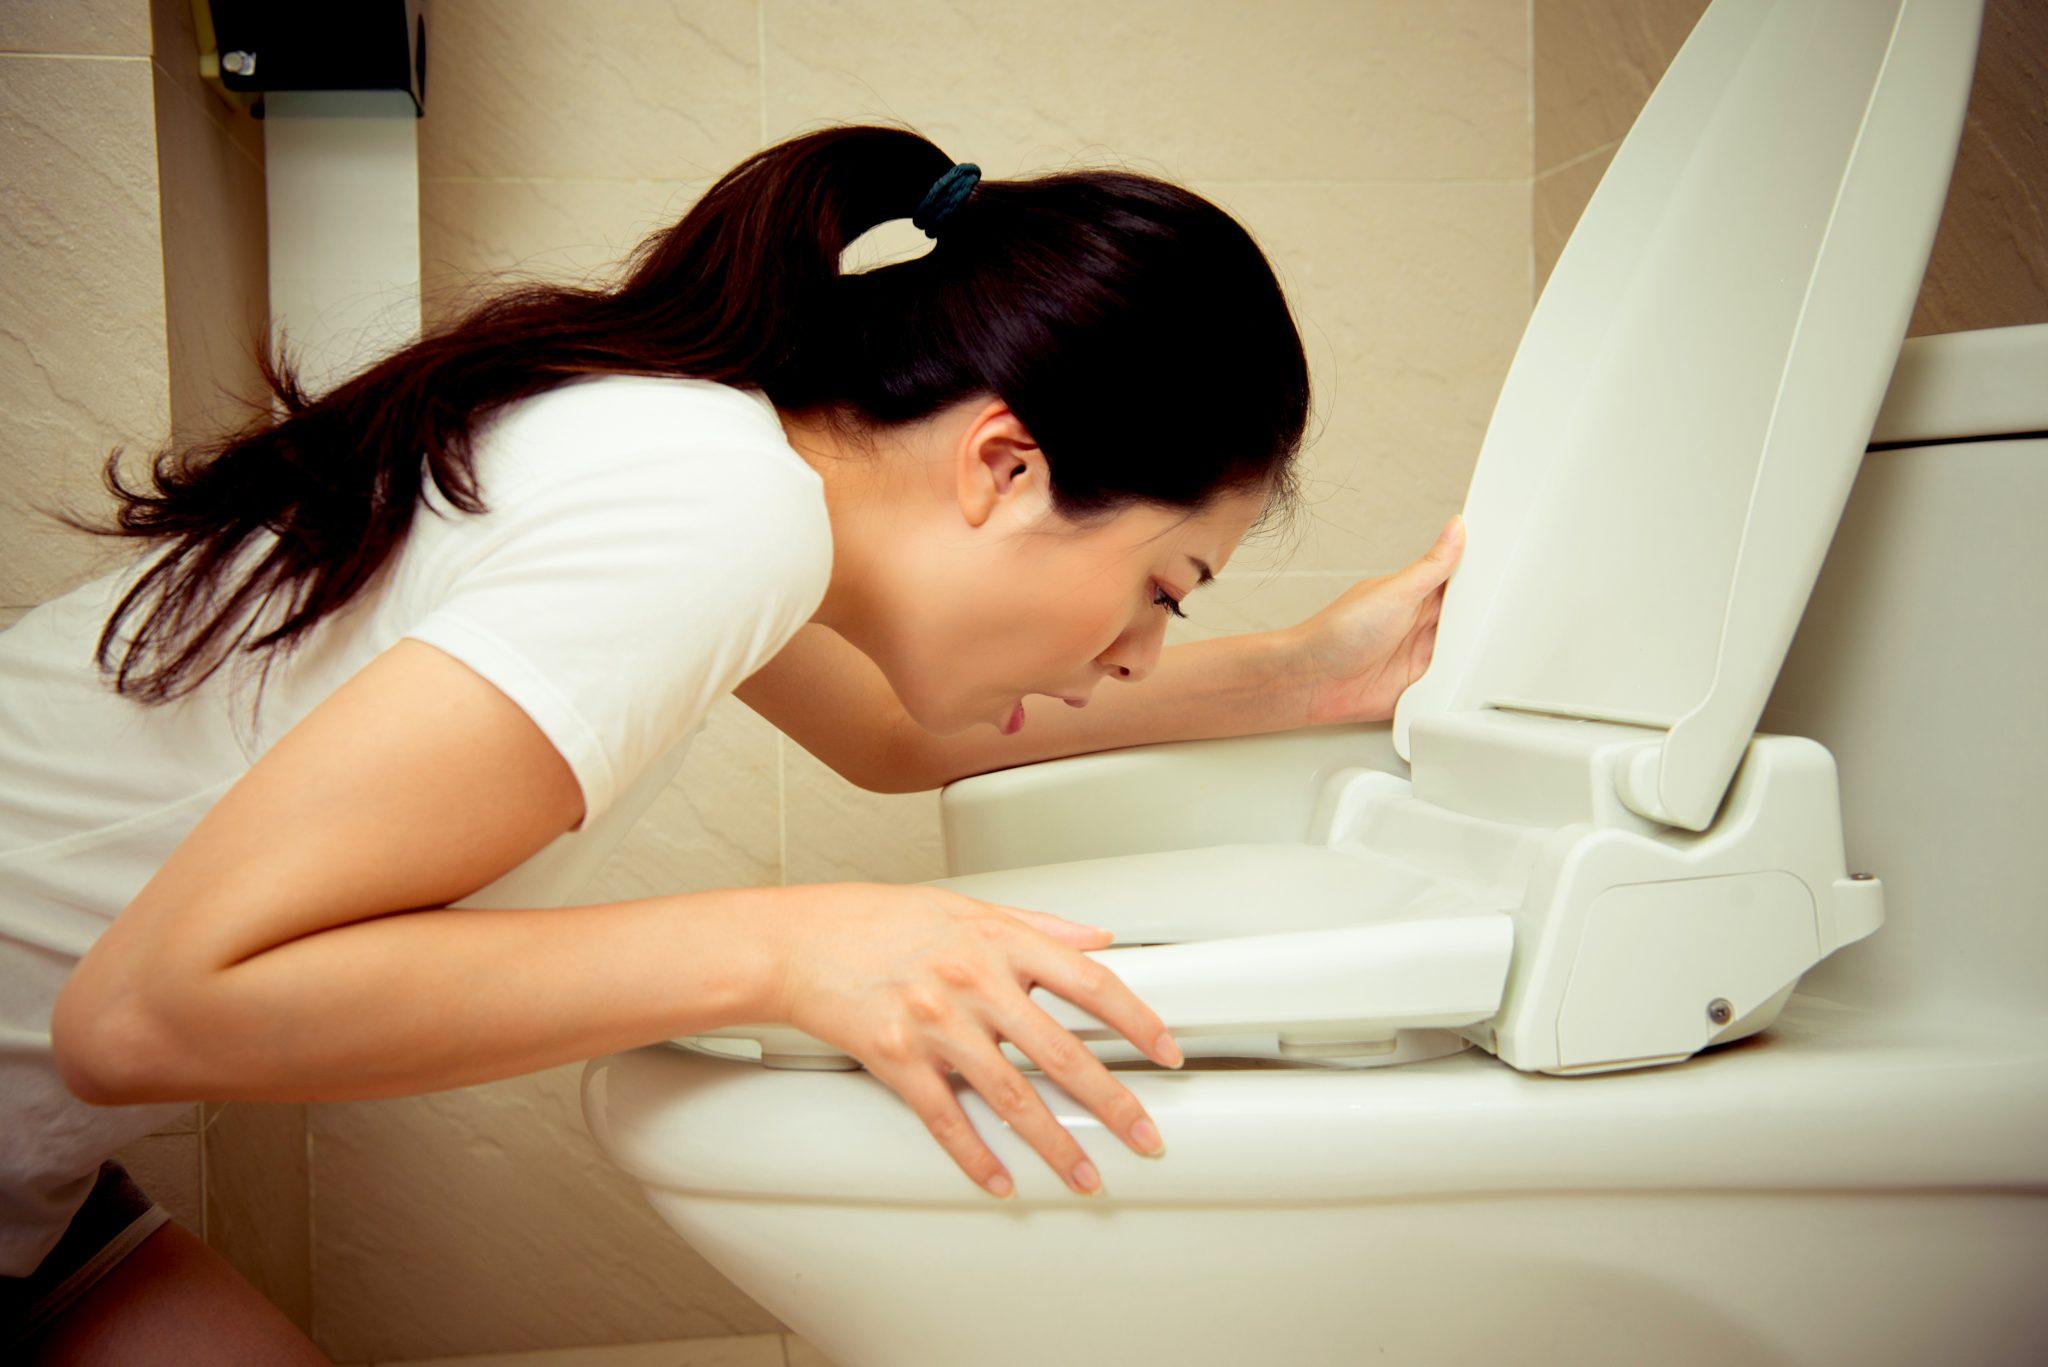 トイレで吐いている女性